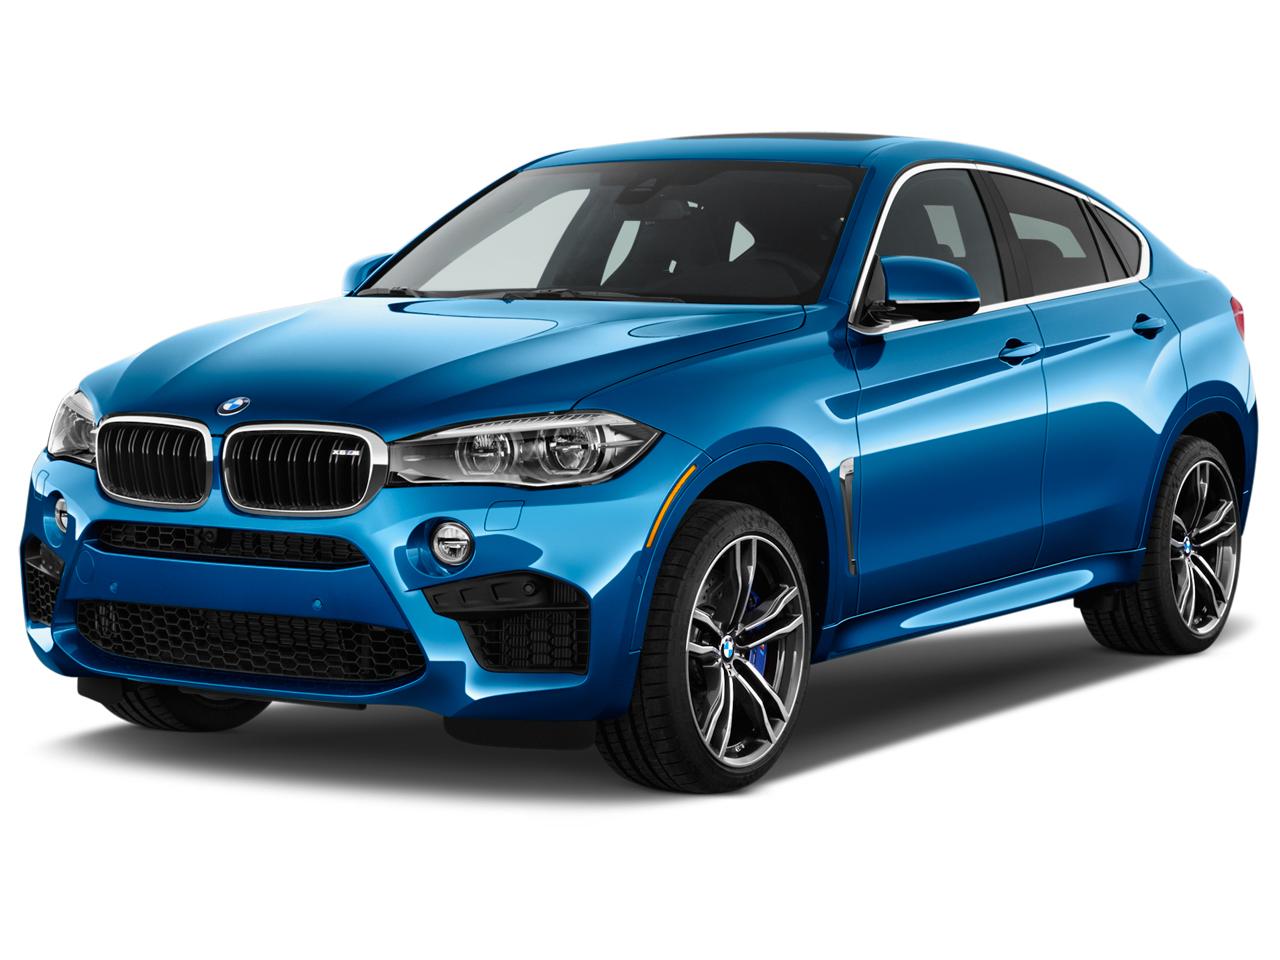 BMW X6 M кроссовер